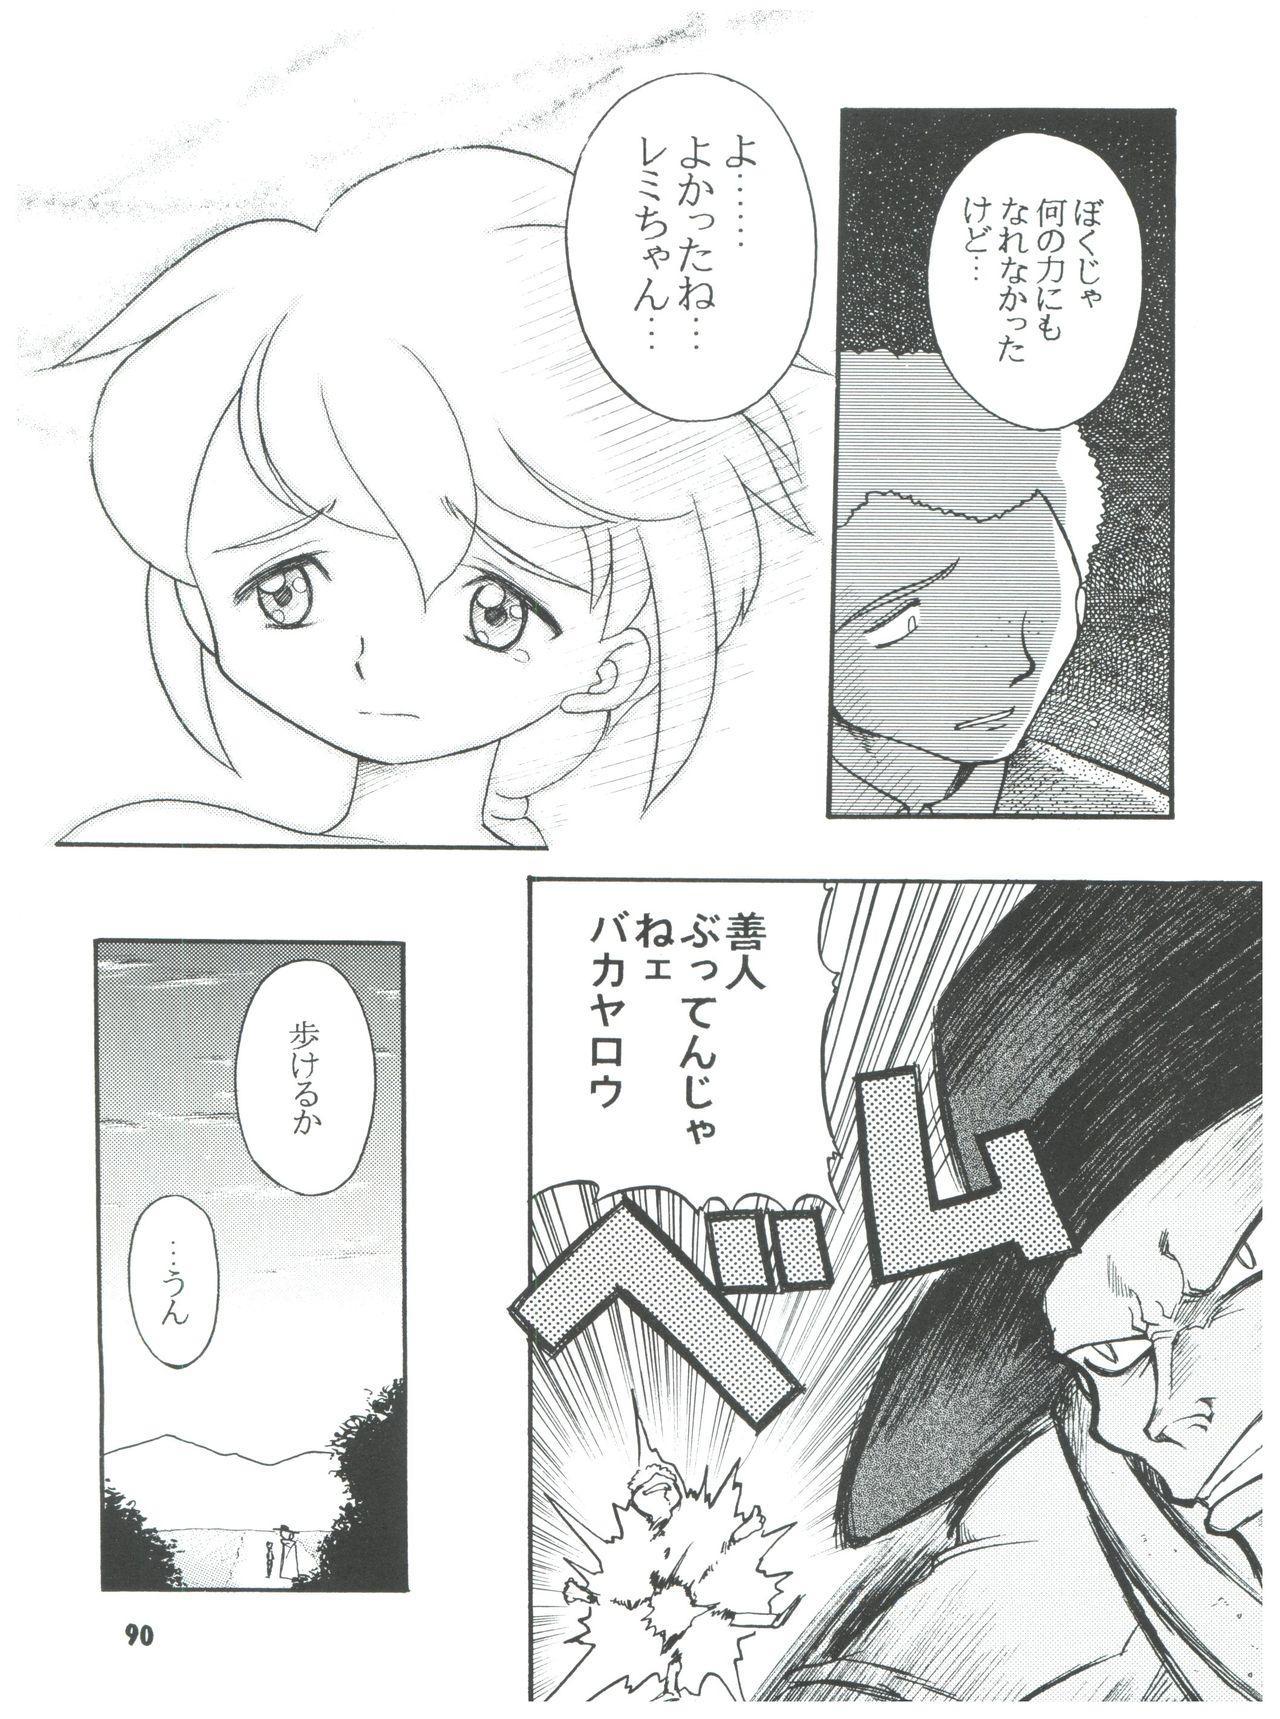 [Sairo Publishing (J. Sairo) En-Jack 2 (Various) 89